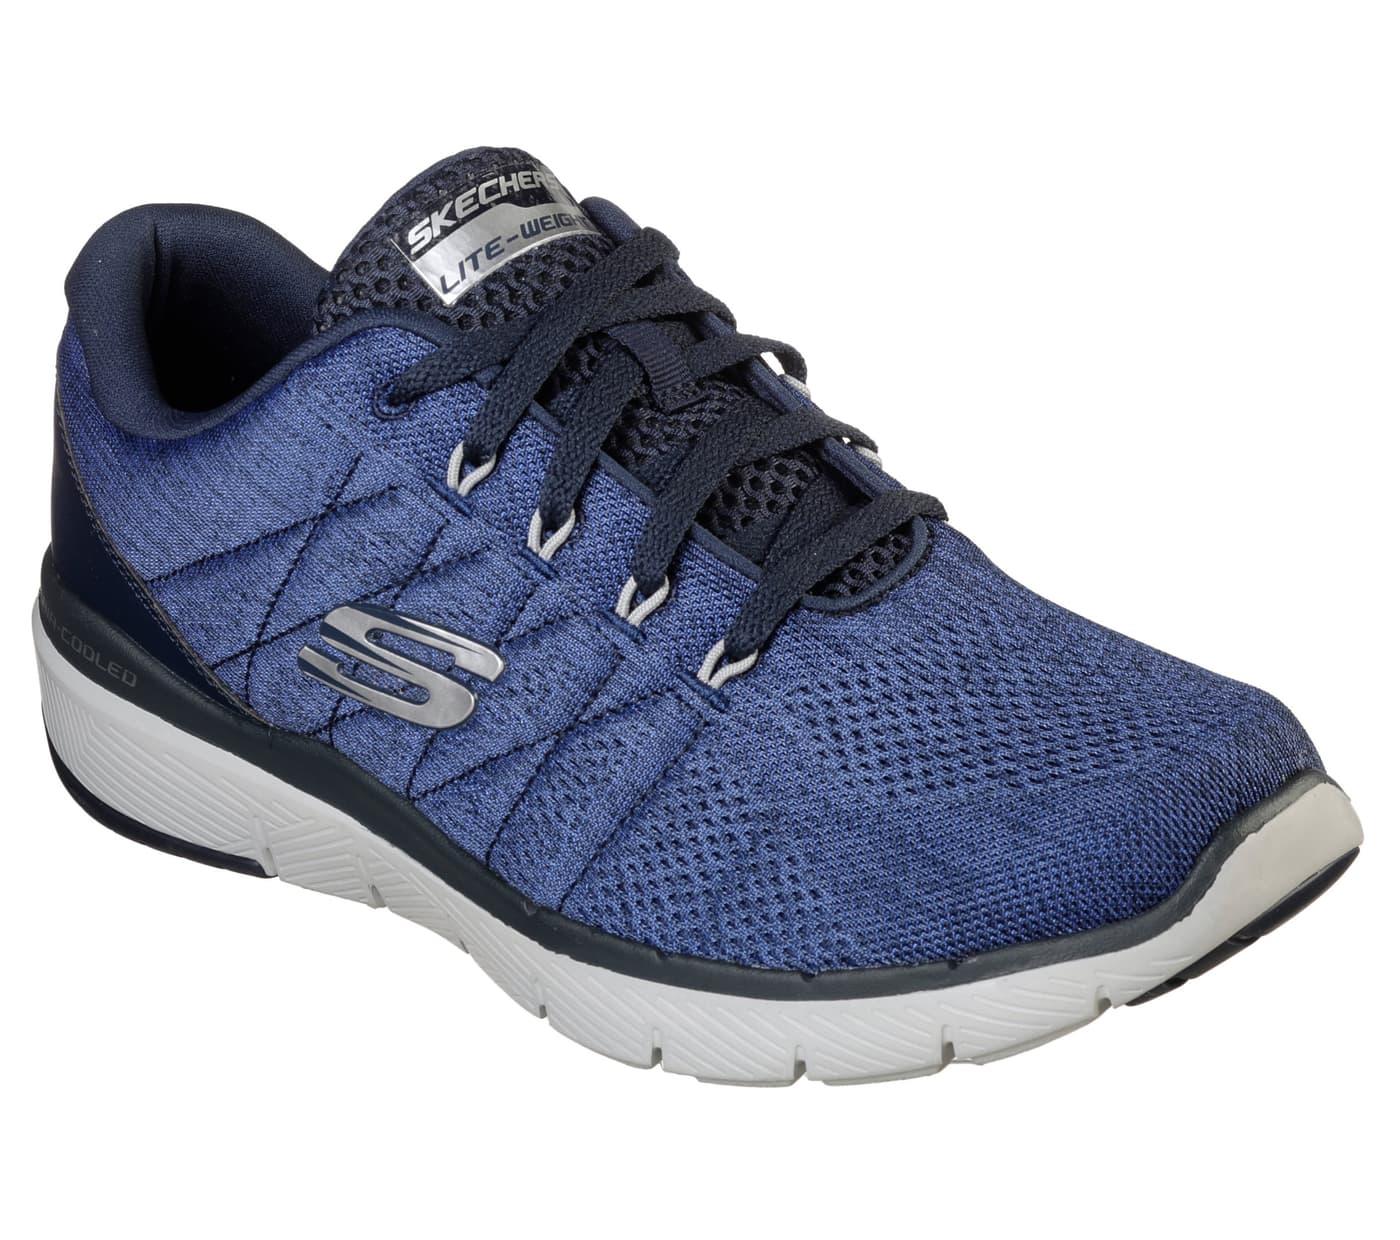 Skechers Flex Advantage 3.0 Chaussures de loisirs pour homme